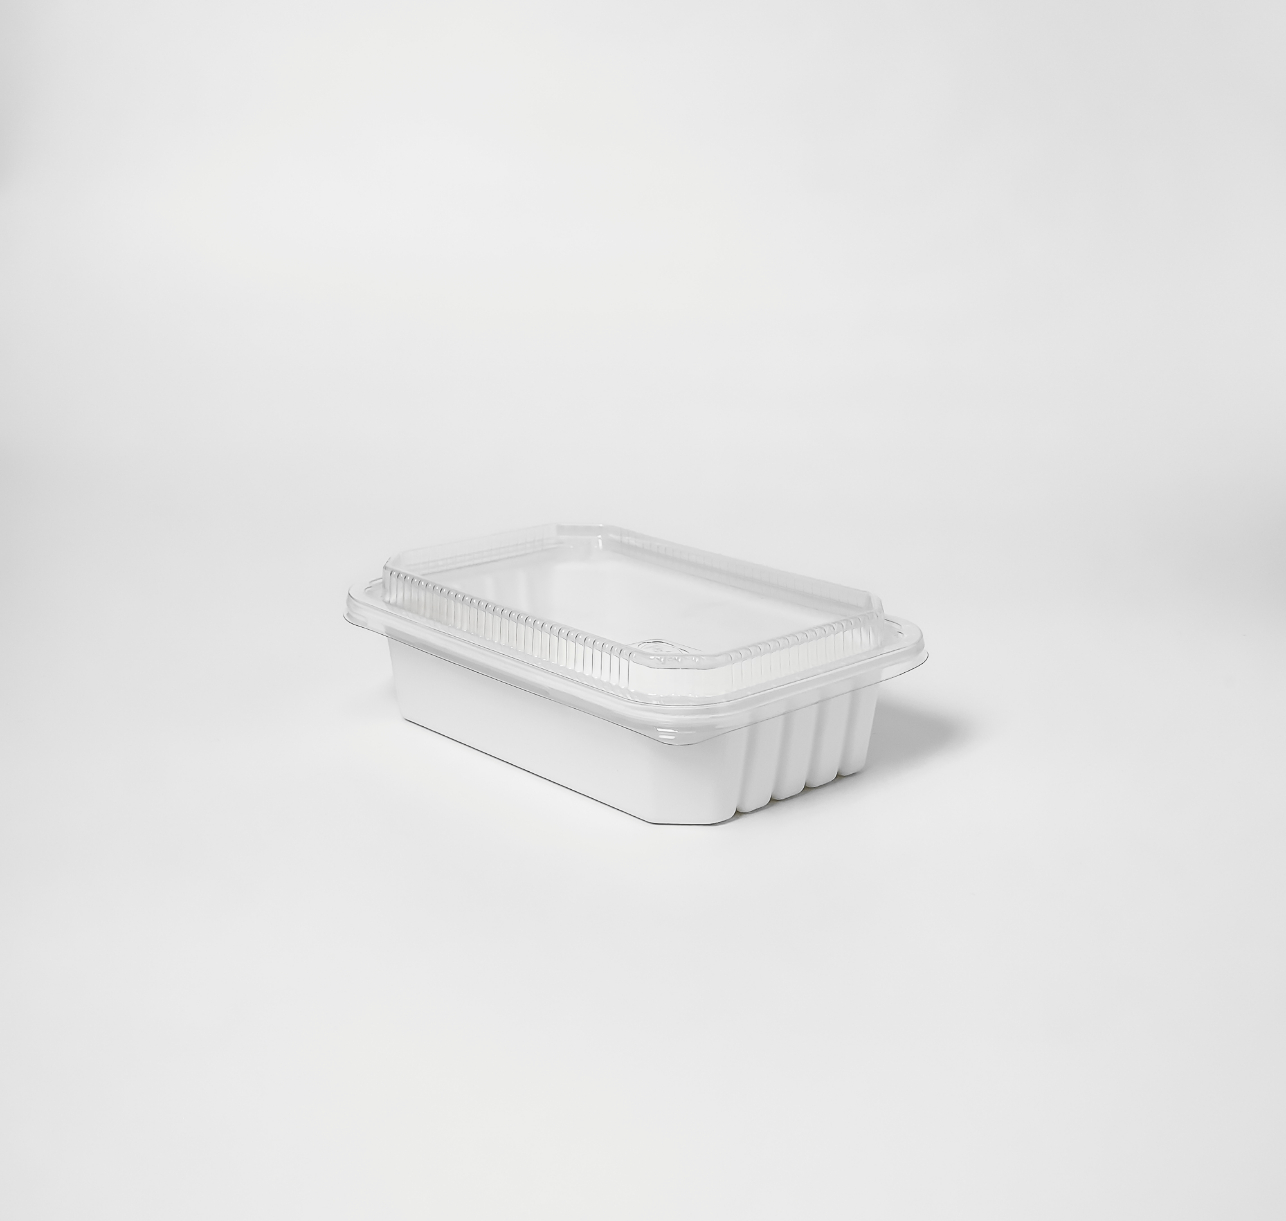 กล่องอาหารเยื่อธรรมชาติ Hybrid ฝาใส 600ml